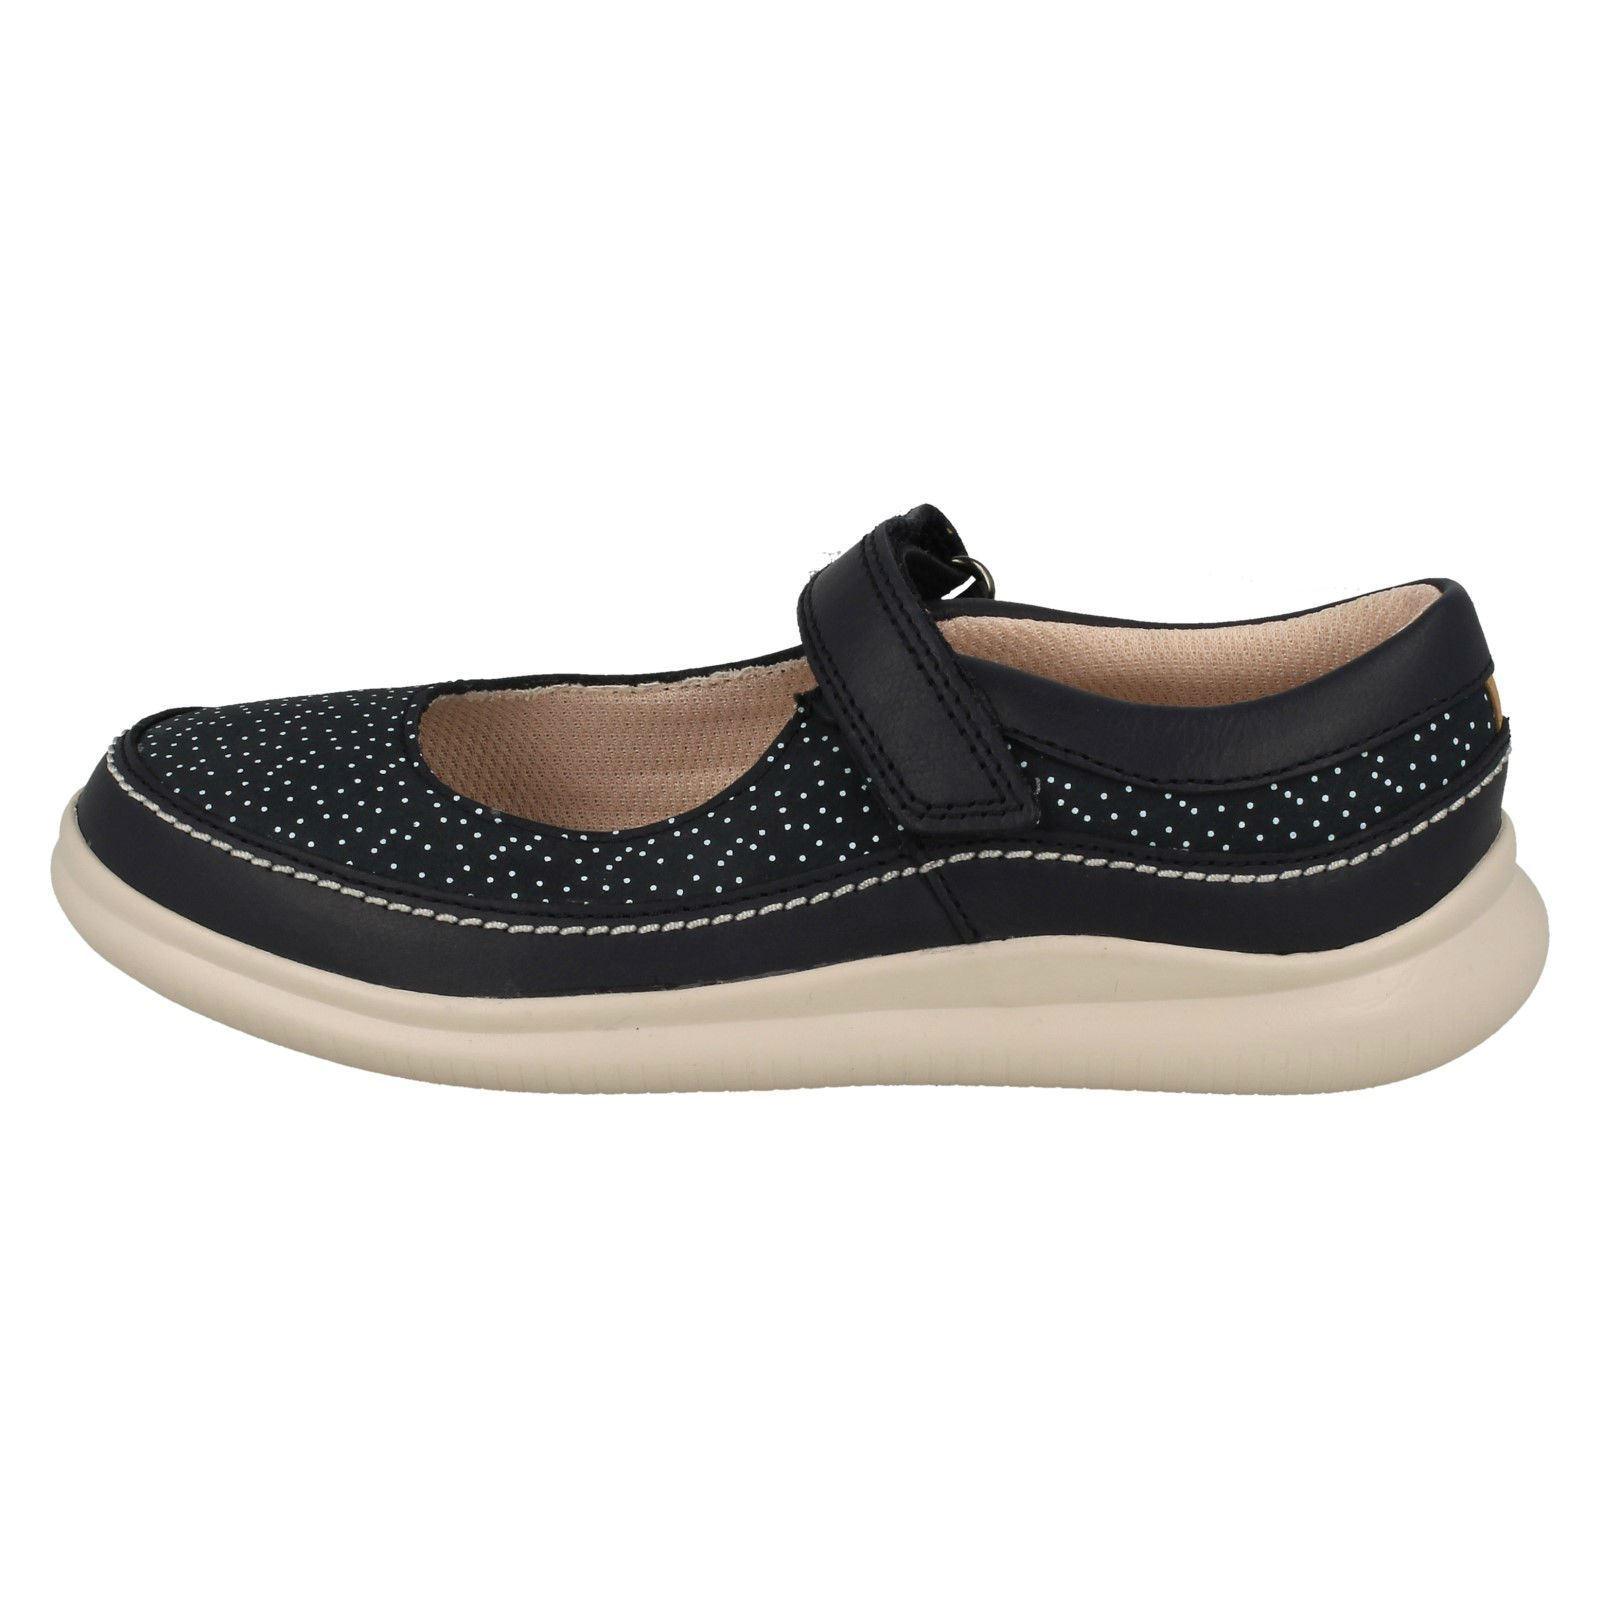 Casual Cloud Niñas Zapato azul Fiesta Clarks Navy PSxqgw4x